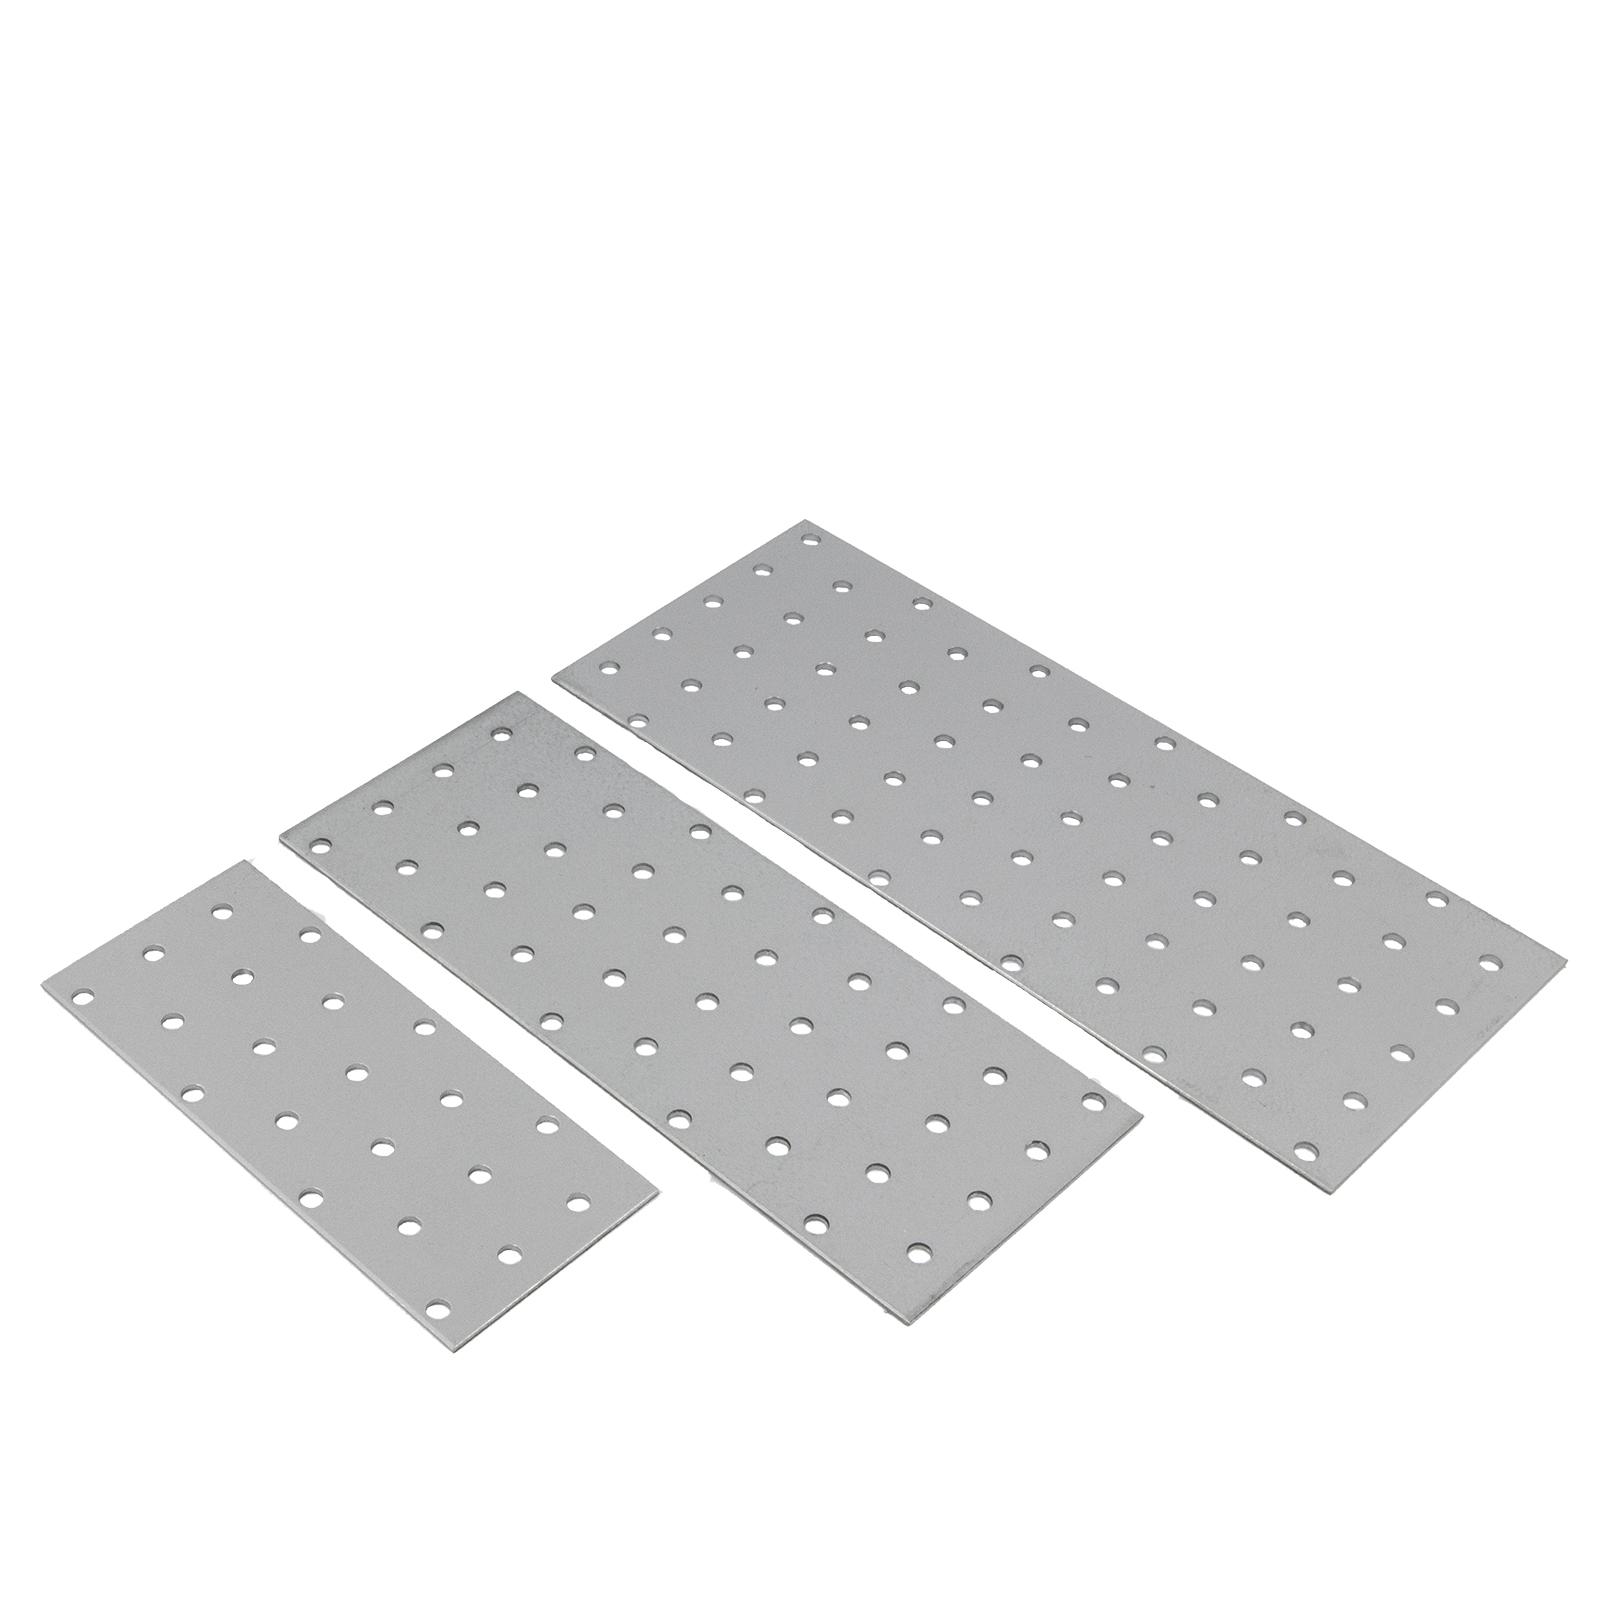 Platteverbinders